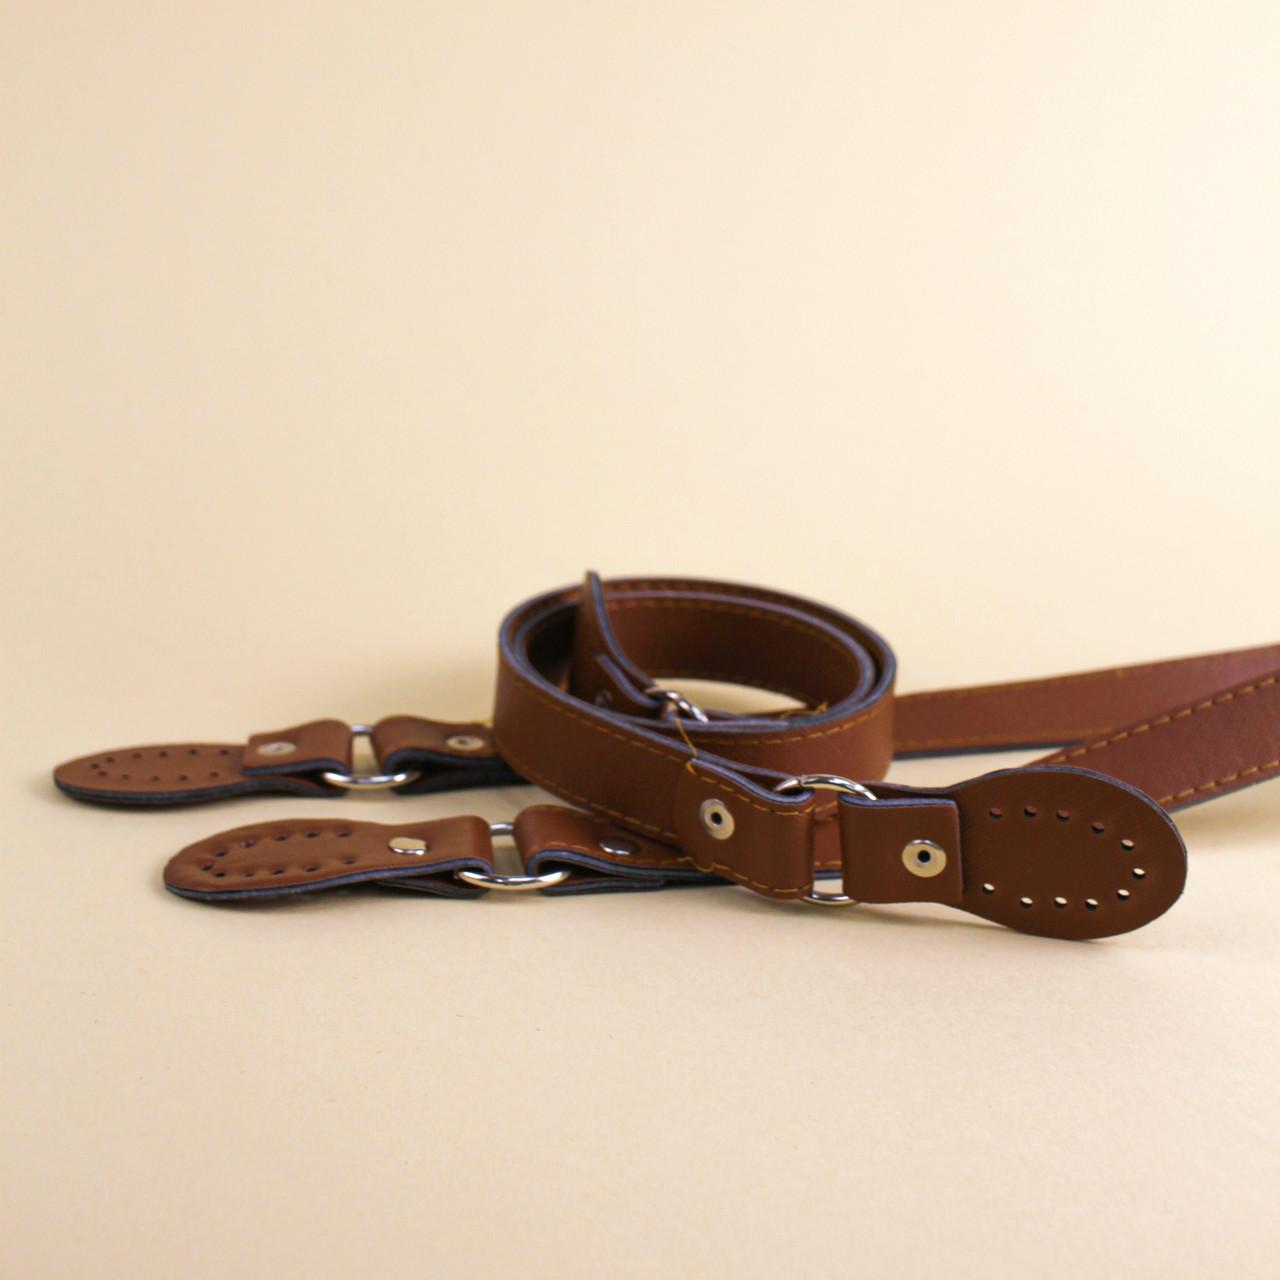 Комплект ручек для сумки экокожа Браун, 63 см, с пришивными шлевками